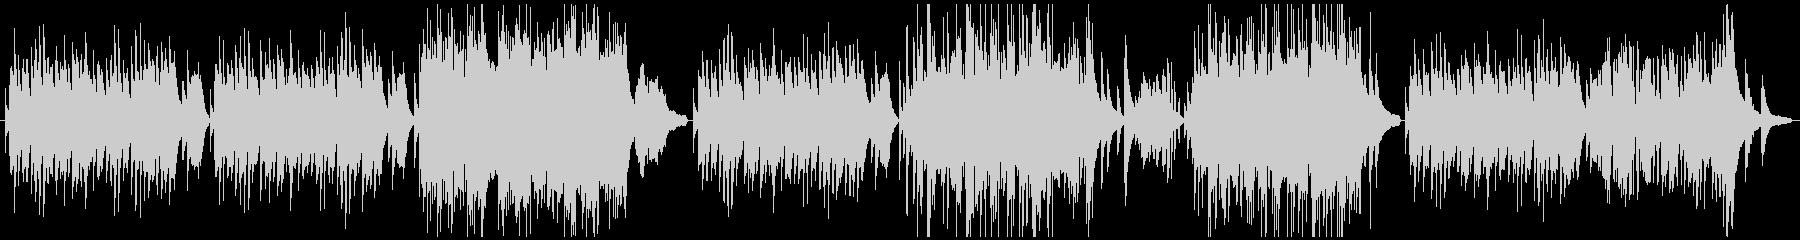 ピアノ名曲「花の歌」ランゲの未再生の波形